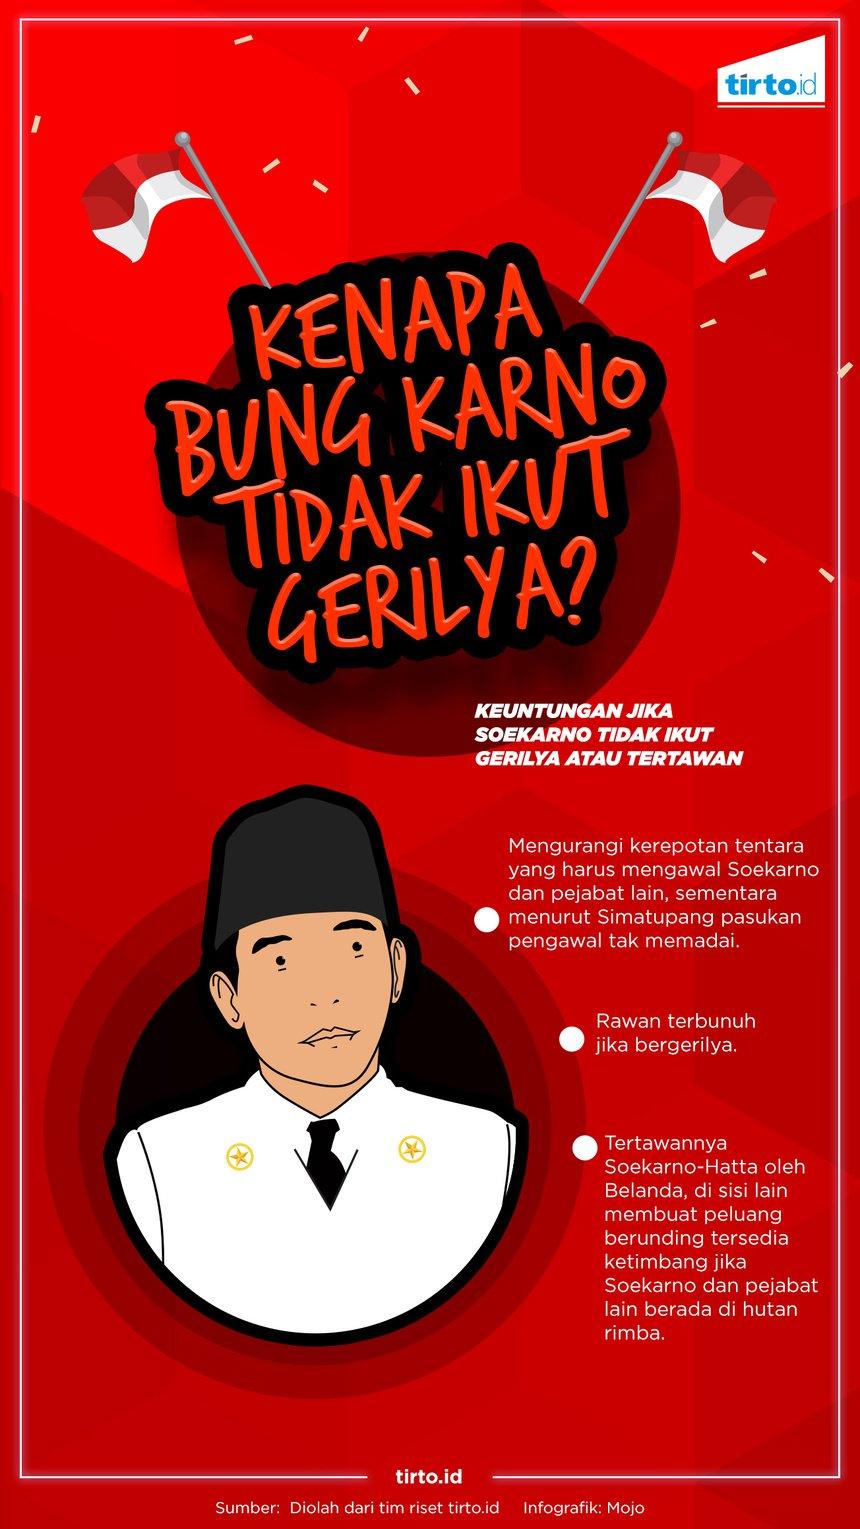 19 Desember 2016: 68 Tahun Agresi Militer II Mengapa Bung Karno Tak Ikut Gerilya Bersama Soedirman?